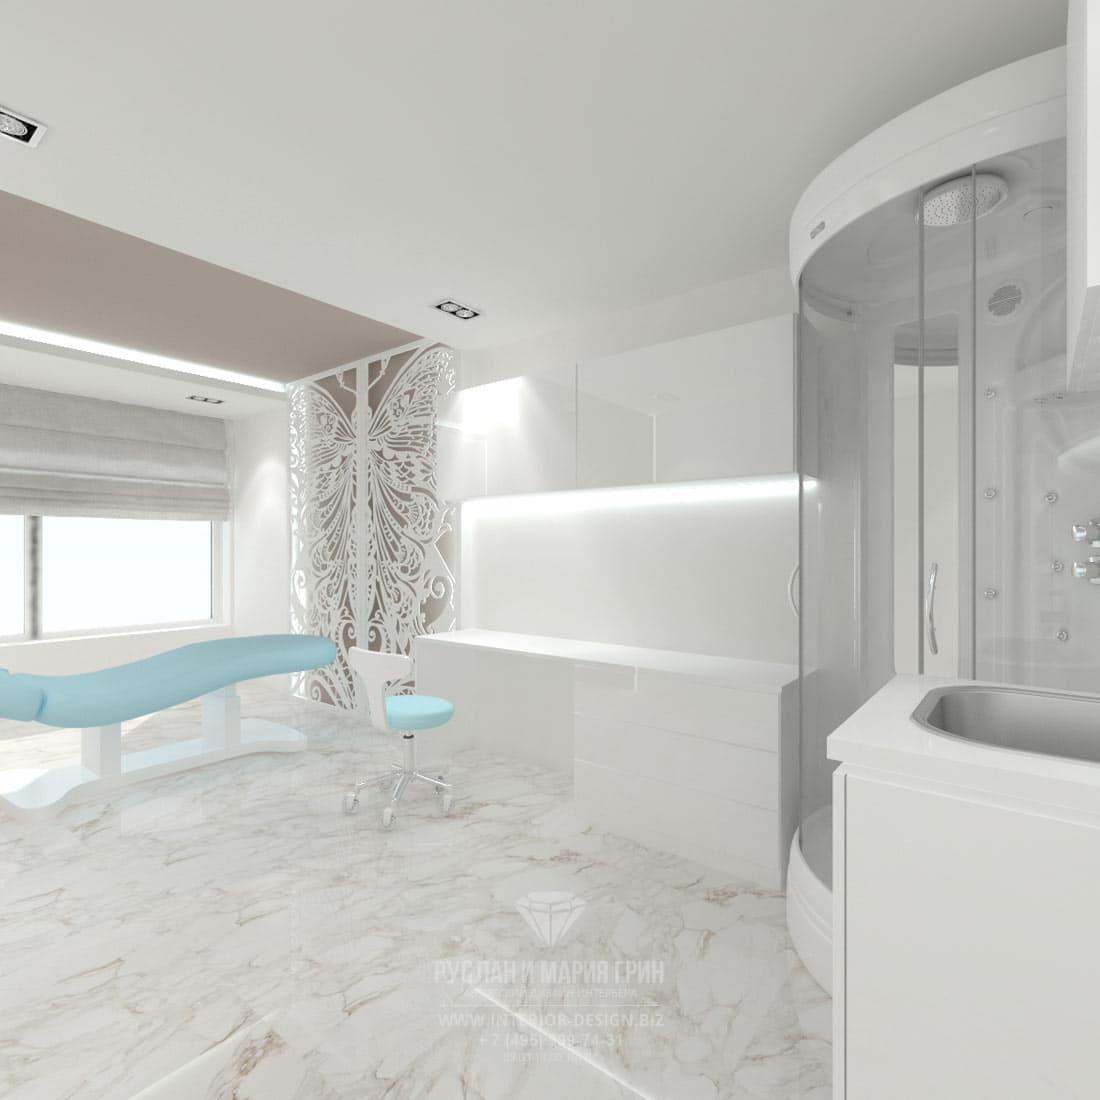 Дизайн интерьера современного салона красоты. Косметологический кабинет